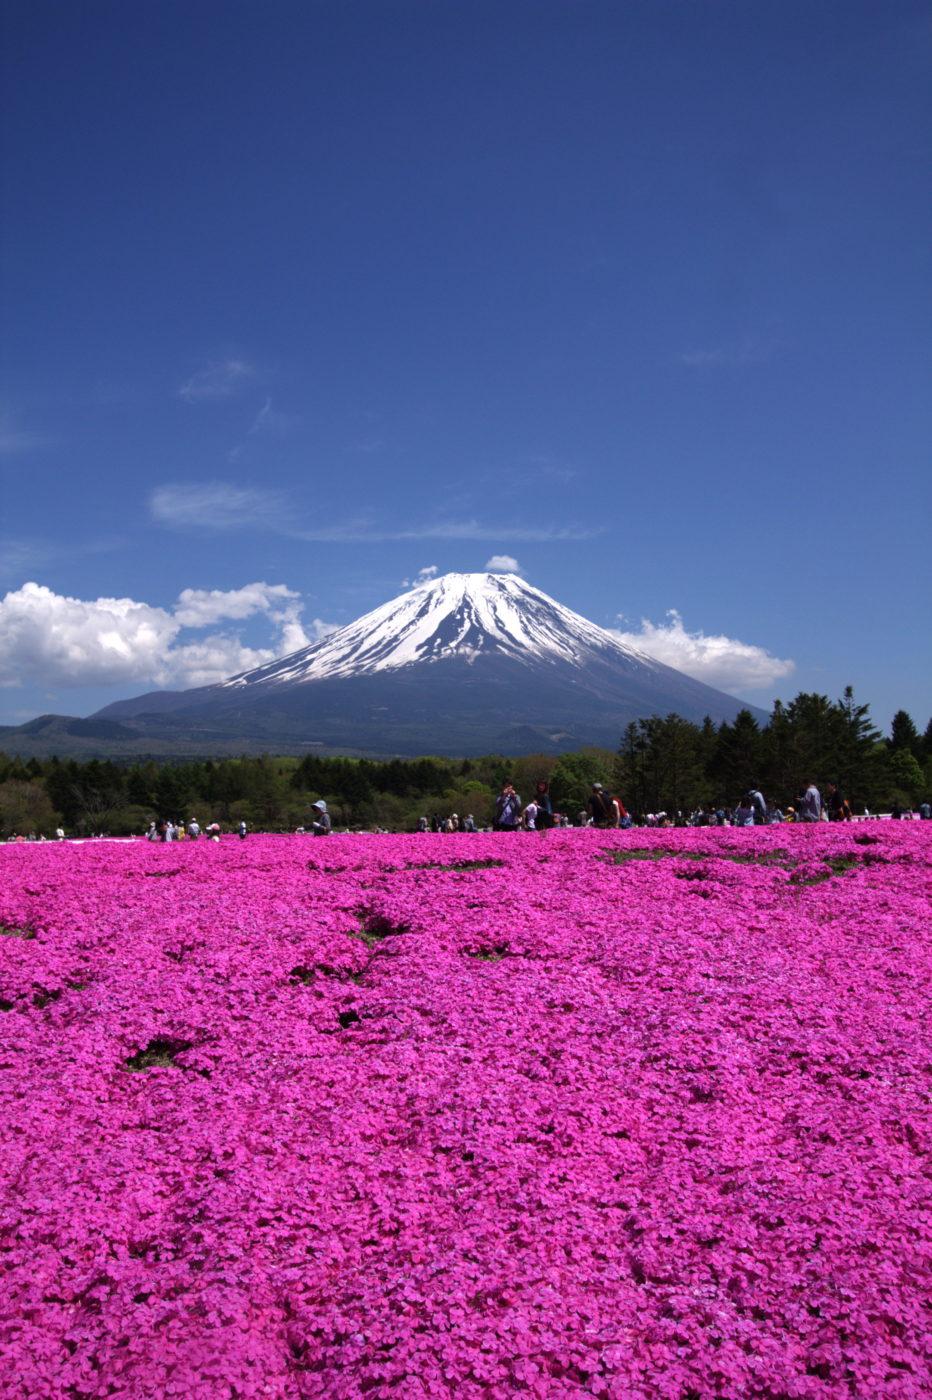 פסטיבל פוג'י שיבאזאקורה – 13 באפריל ועד 26 למאי